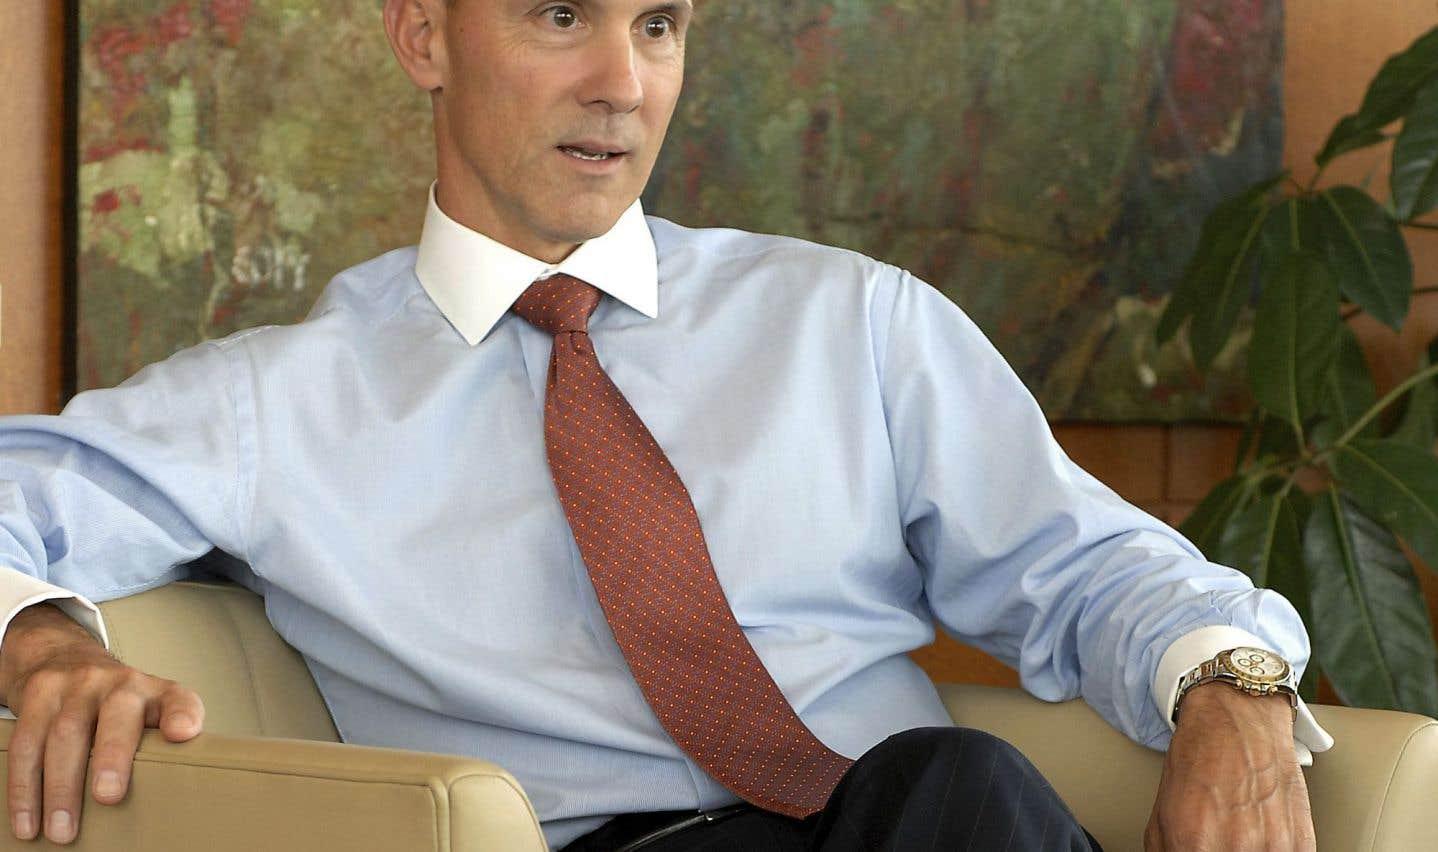 Le p.-d.g. de l'agence de crédit américaine Equifax, Richard Smith